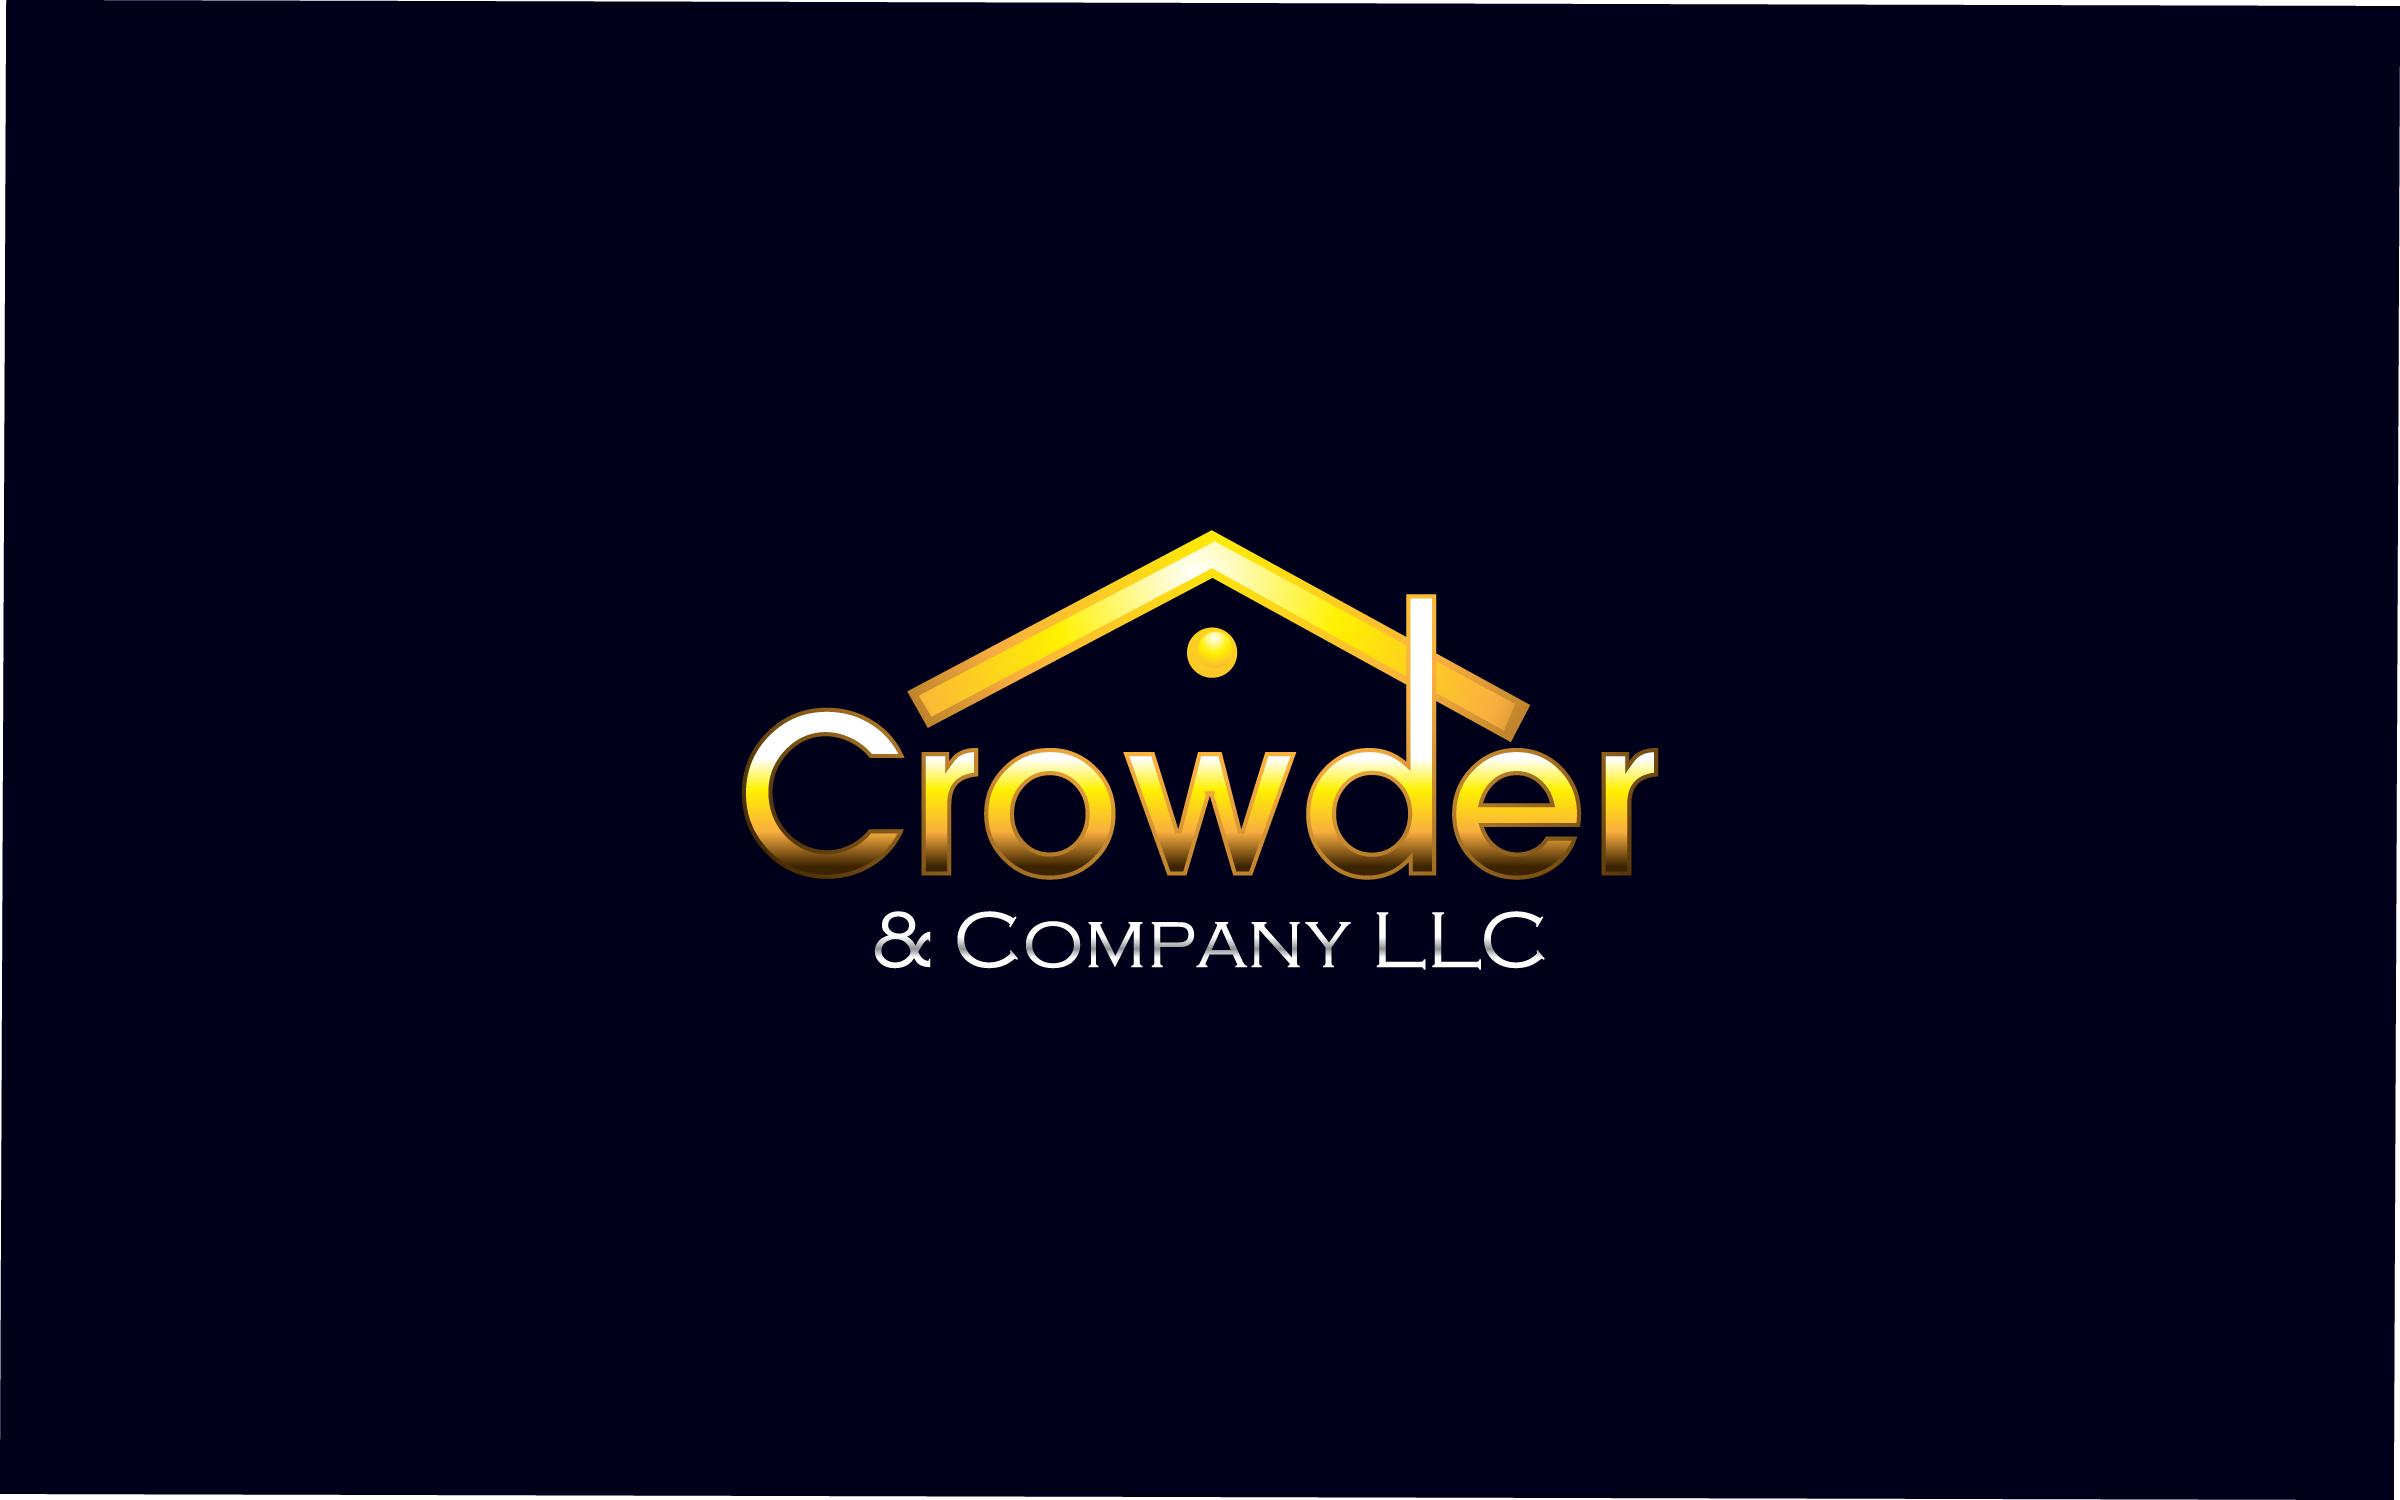 Crowder Financial LLC09 (2).jpg